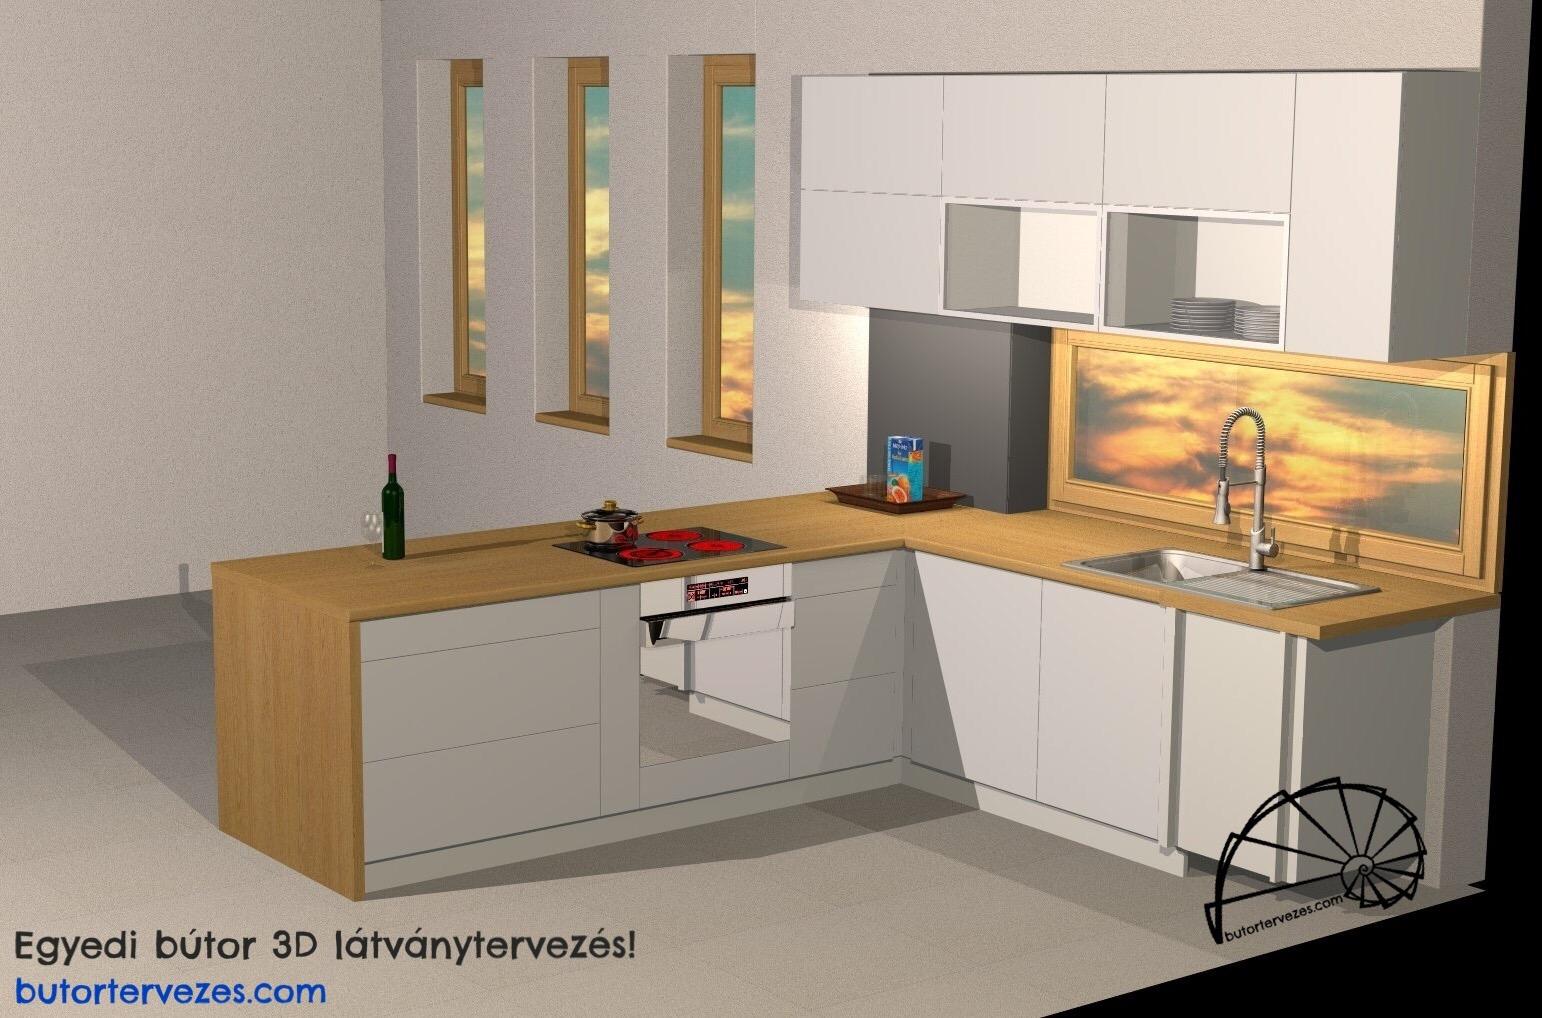 Egyedi konyhabútor 3D fotorealisztikus látványterv